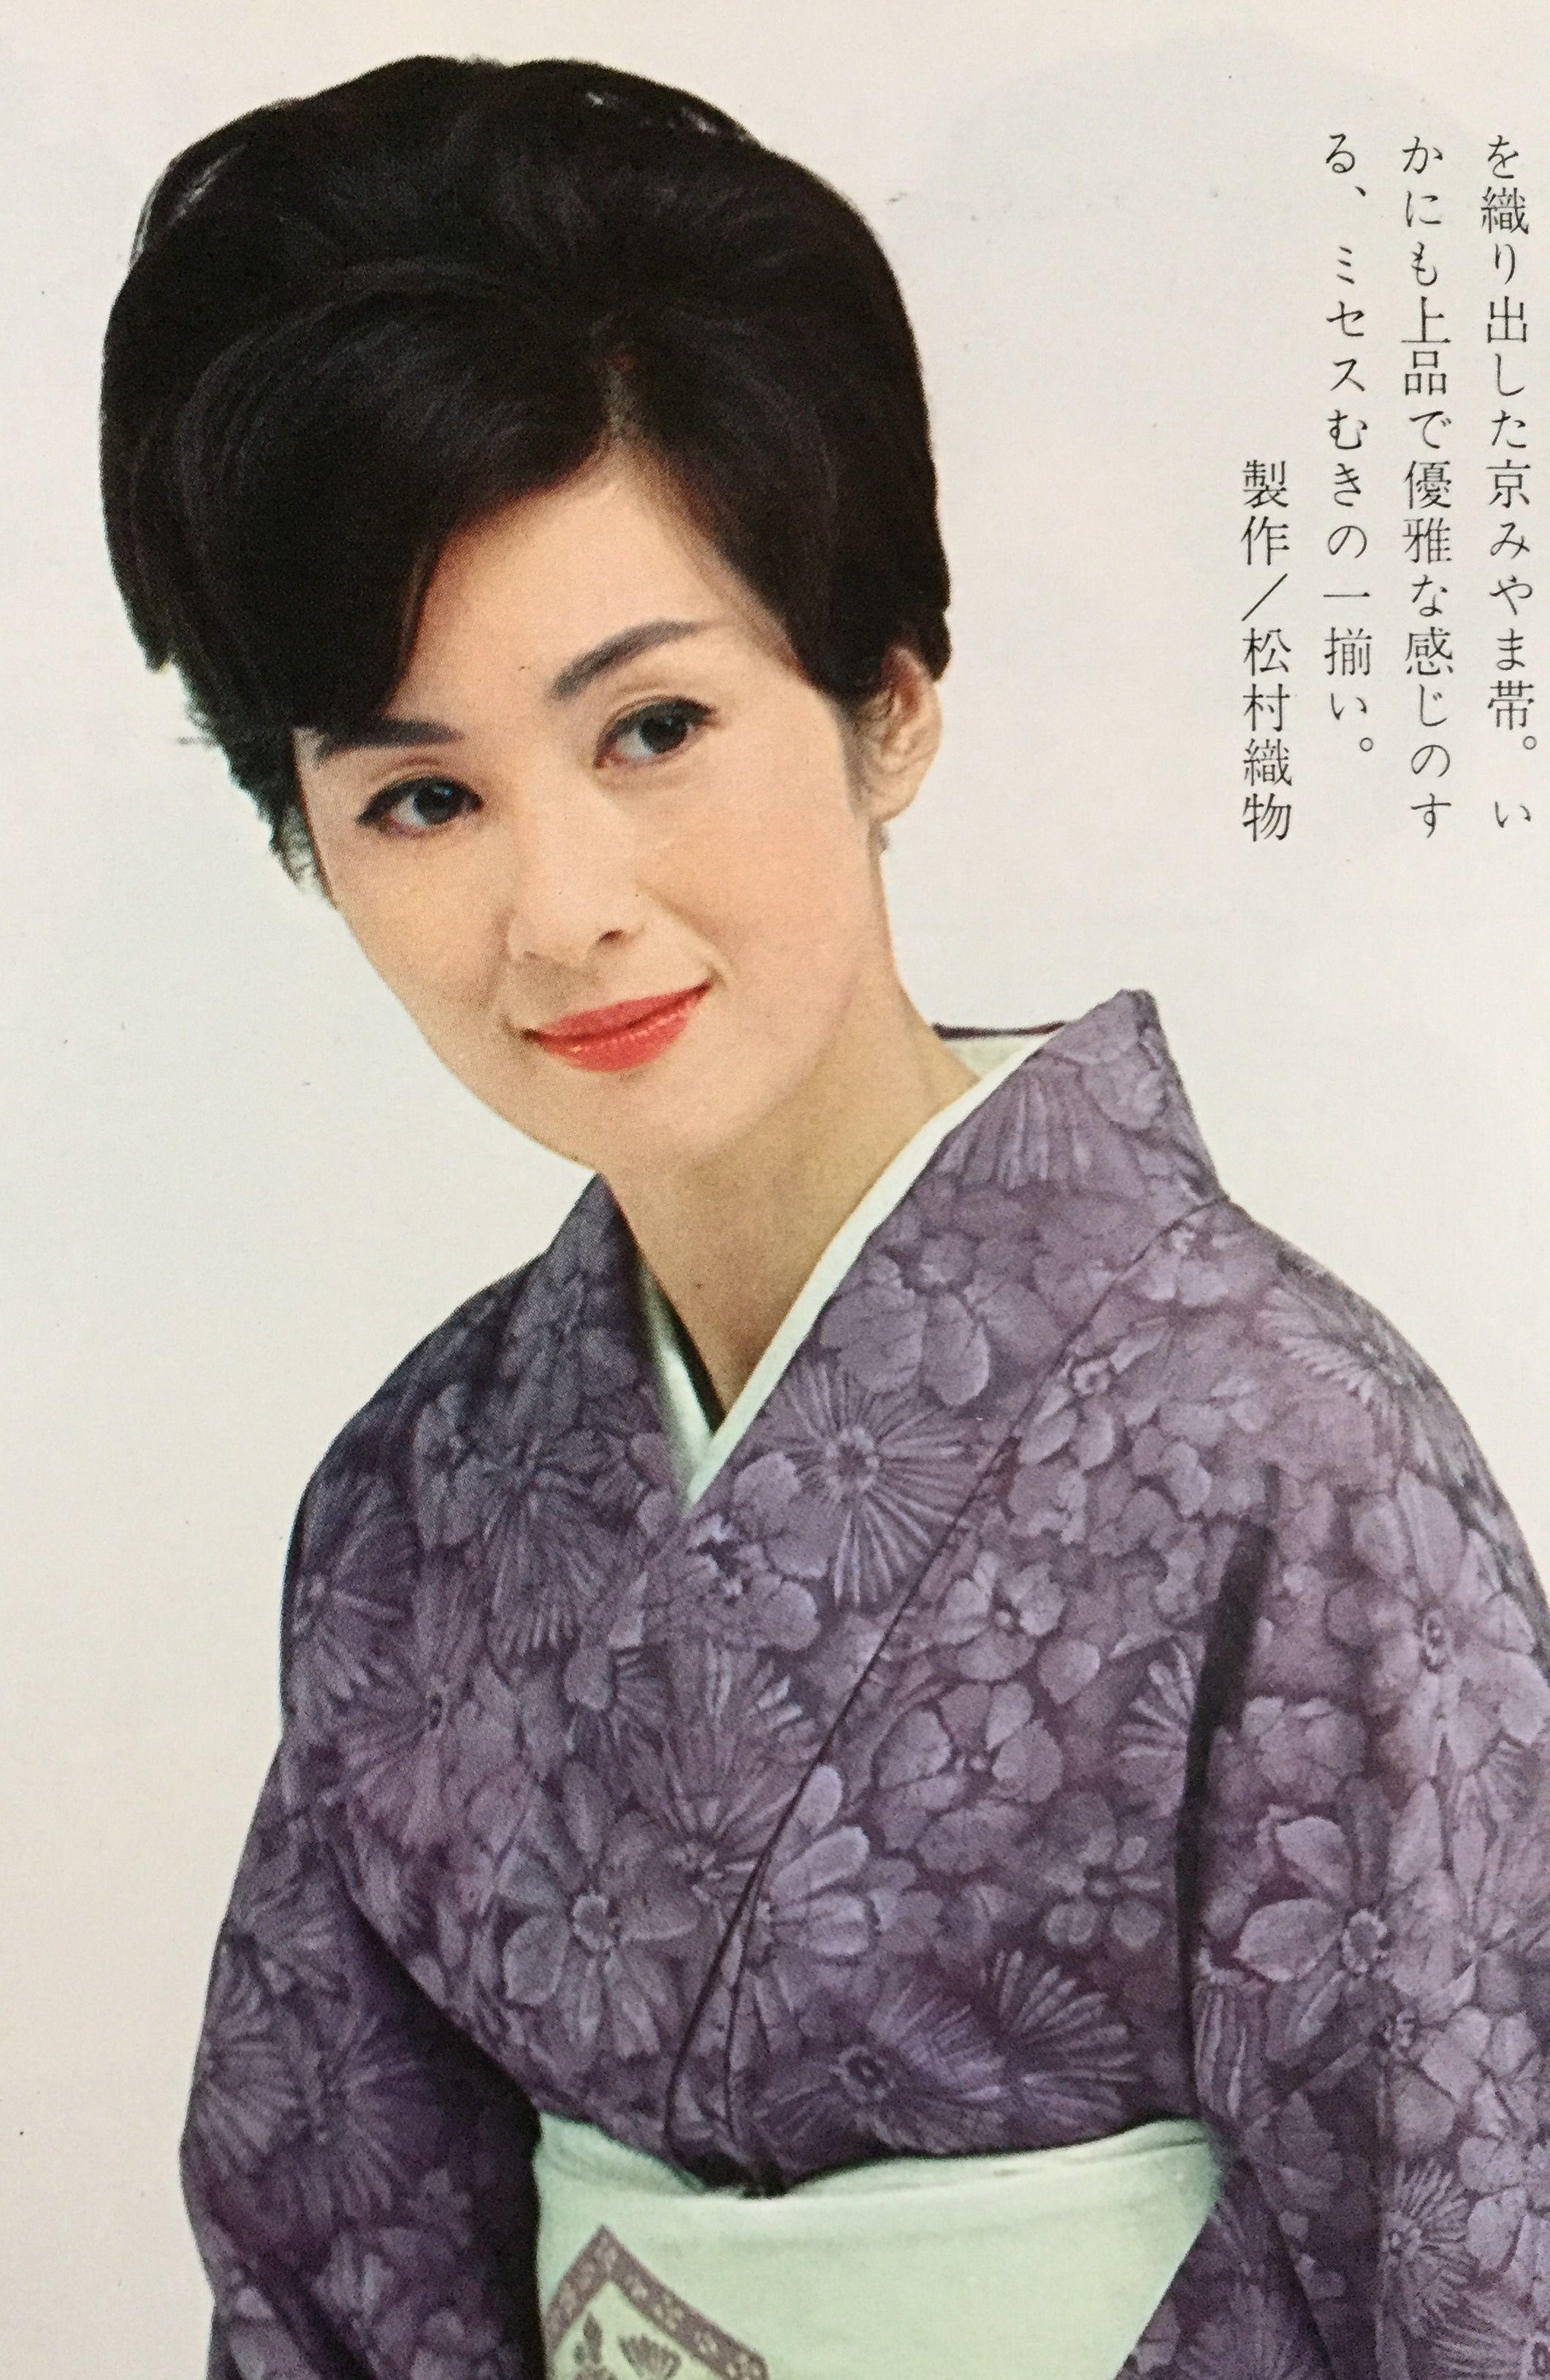 司葉子 Yoko Tsukasa | 女優, 着物 美人, 日本美人